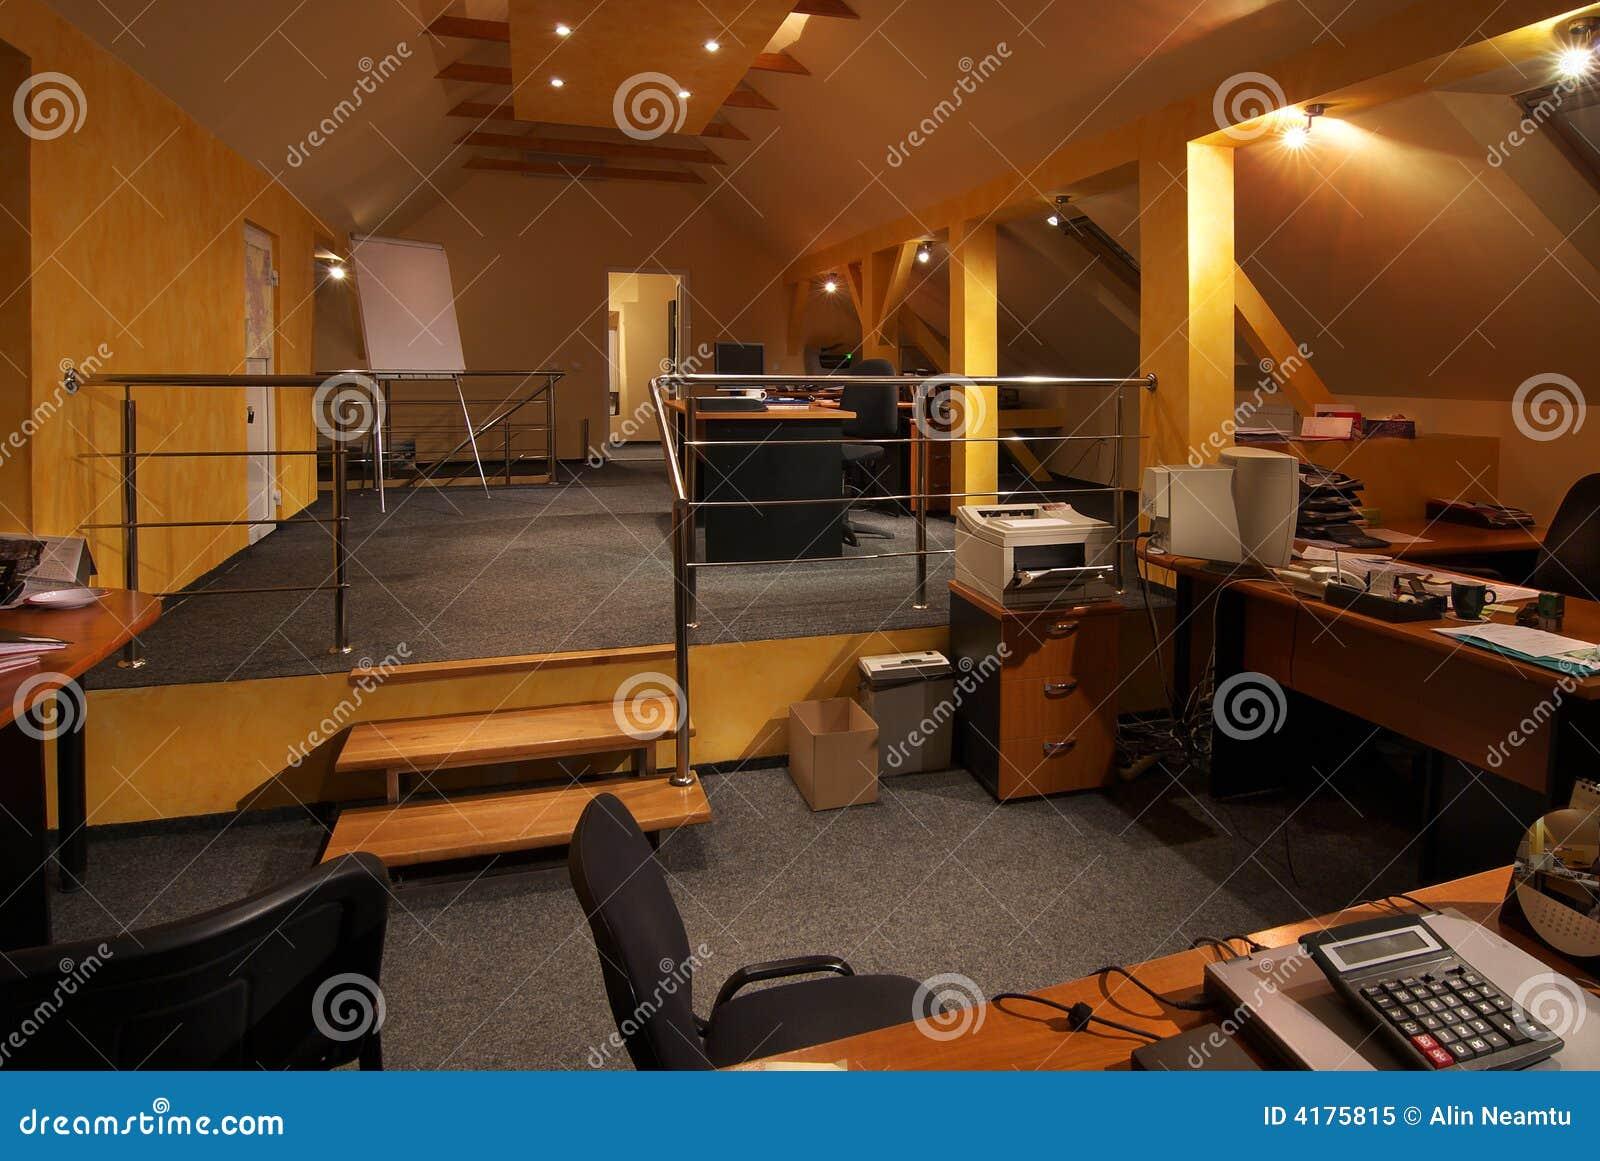 Interior de la oficina foto de archivo libre de regal as for Oficinas bancarias abiertas por la tarde